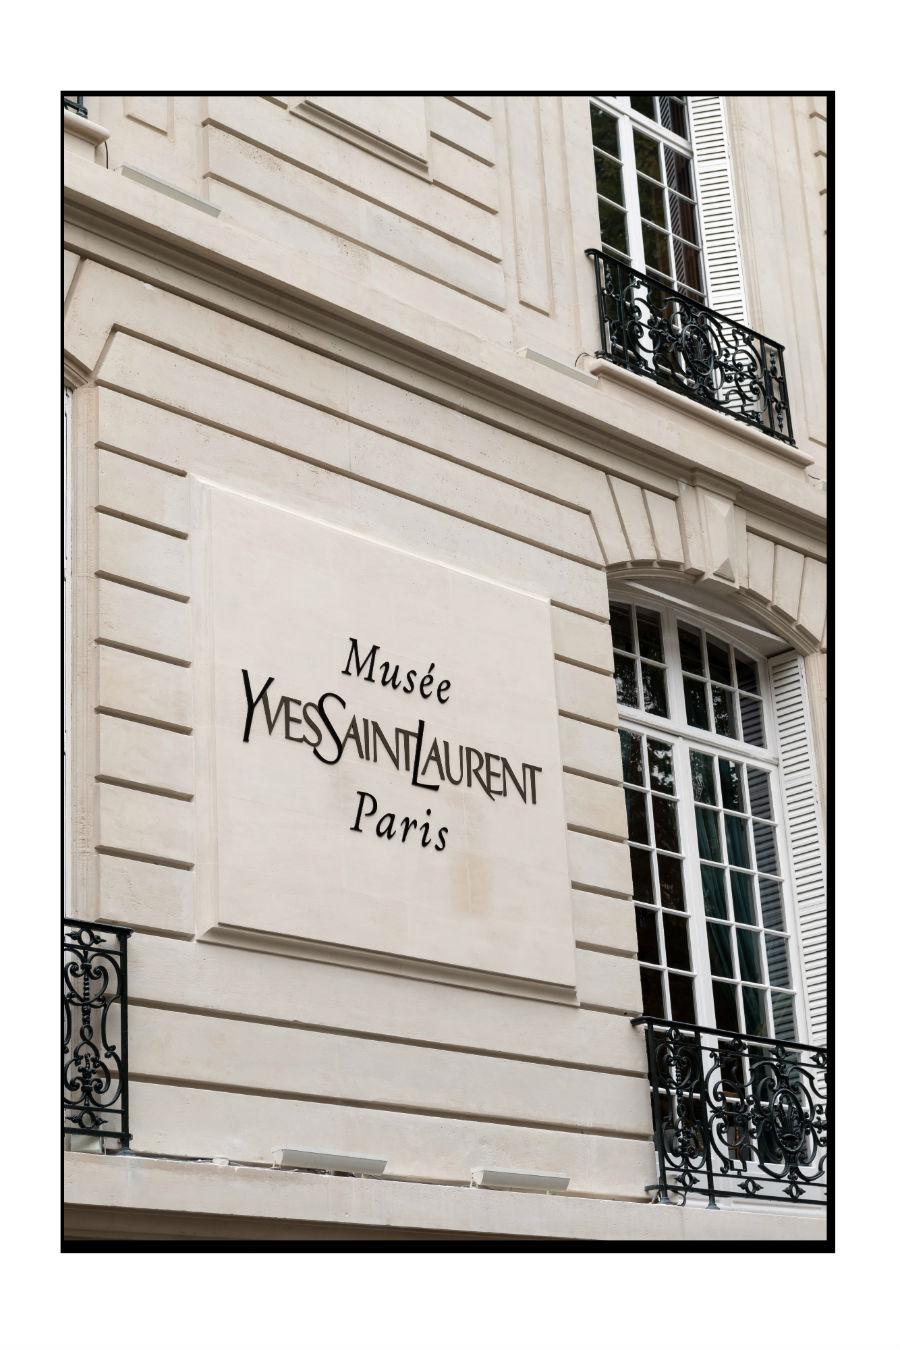 Il museo saint laurent di parigi un sogno divenuto realt for Indissolubile sinonimo